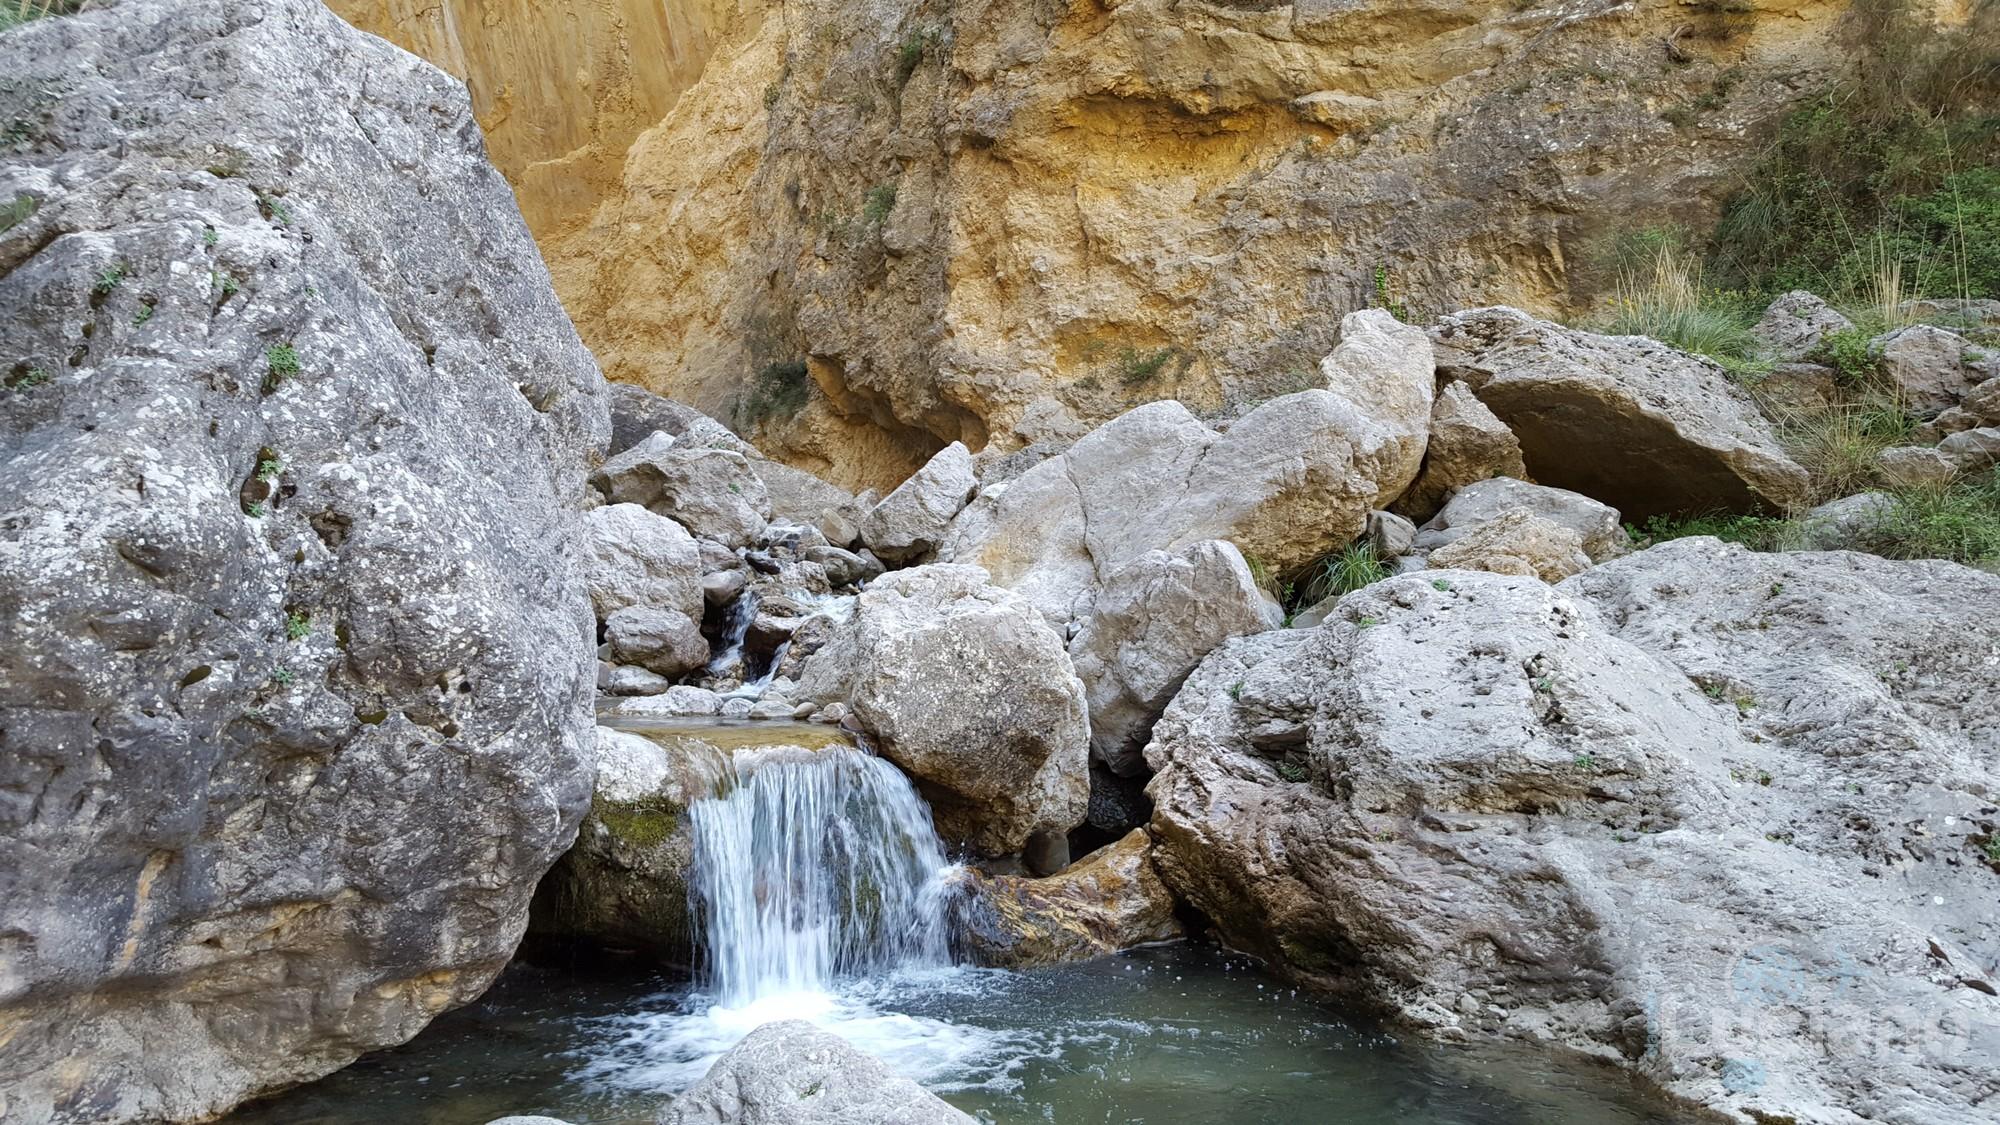 Cascata del Catafurco – Galati Mamertino (ME)